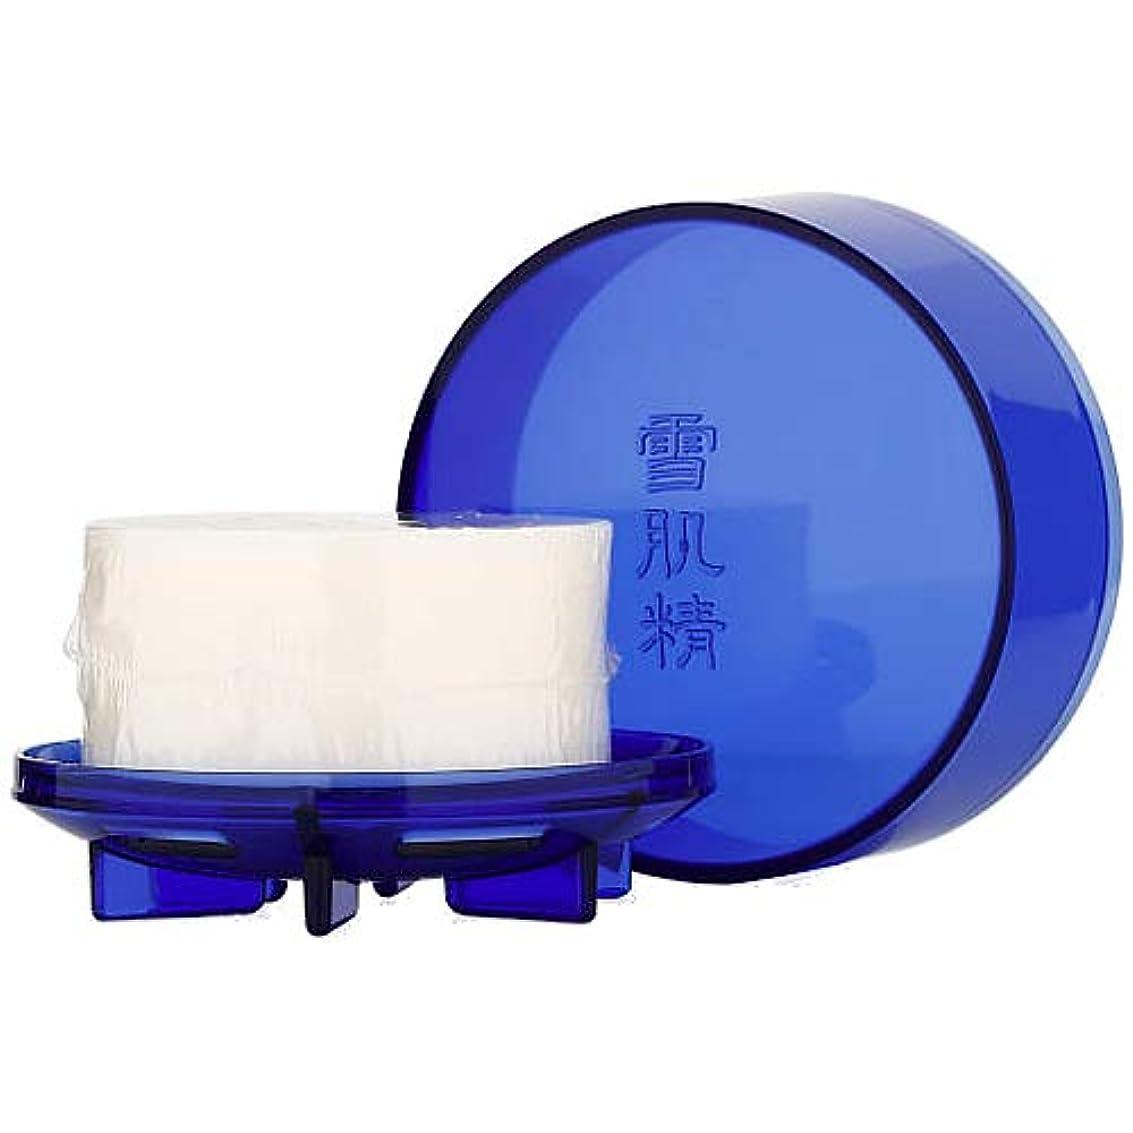 学者検出器ボックスコーセー KOSE 雪肌精 化粧水仕立て (ケース付) 100g [並行輸入品]